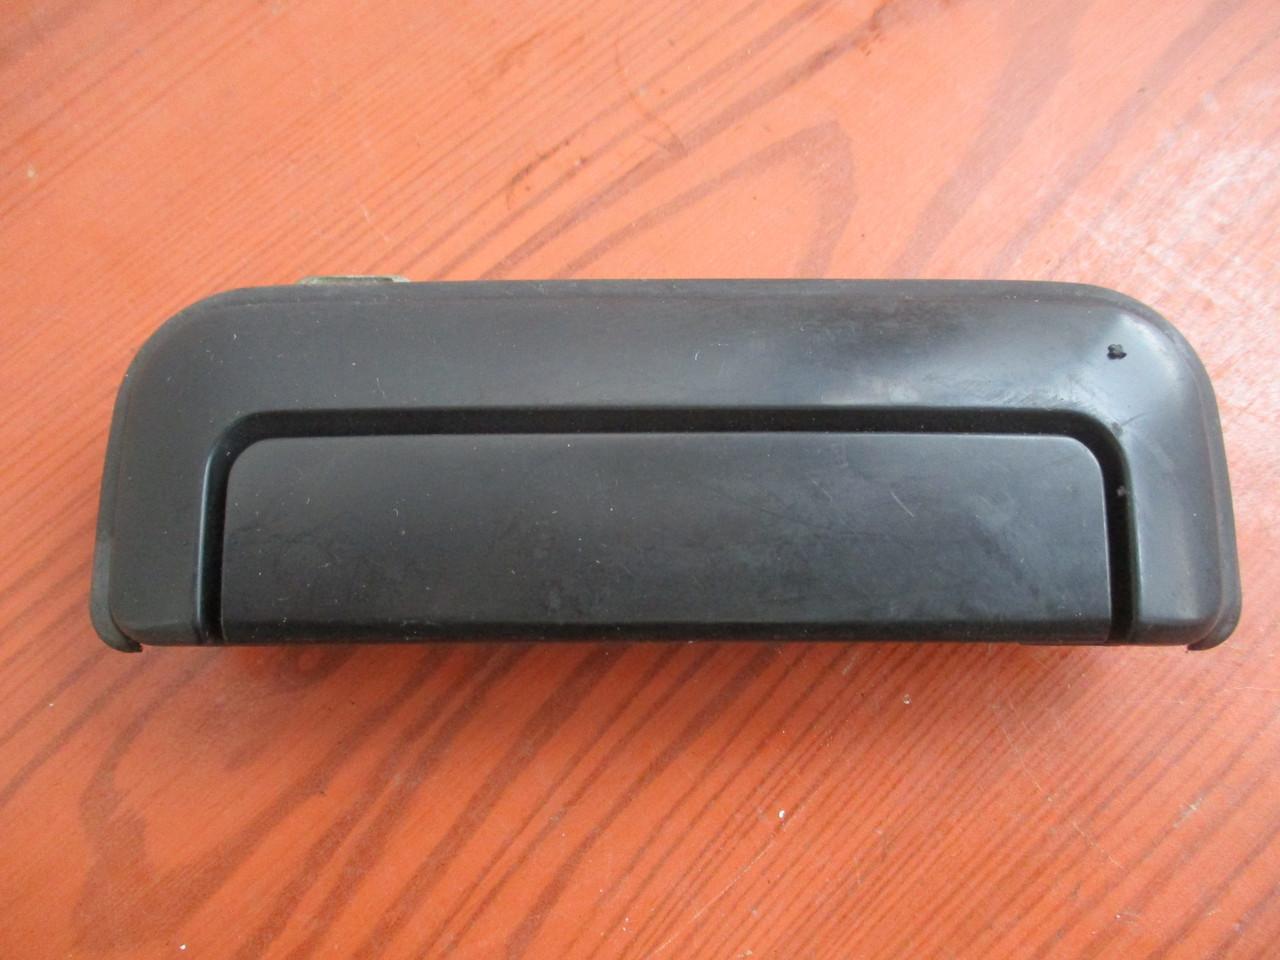 Ручка дверей зовнішня передня=задня права MR313840, MR313834, MR313836 з рамкою MR313807 999125 Pajero Sport